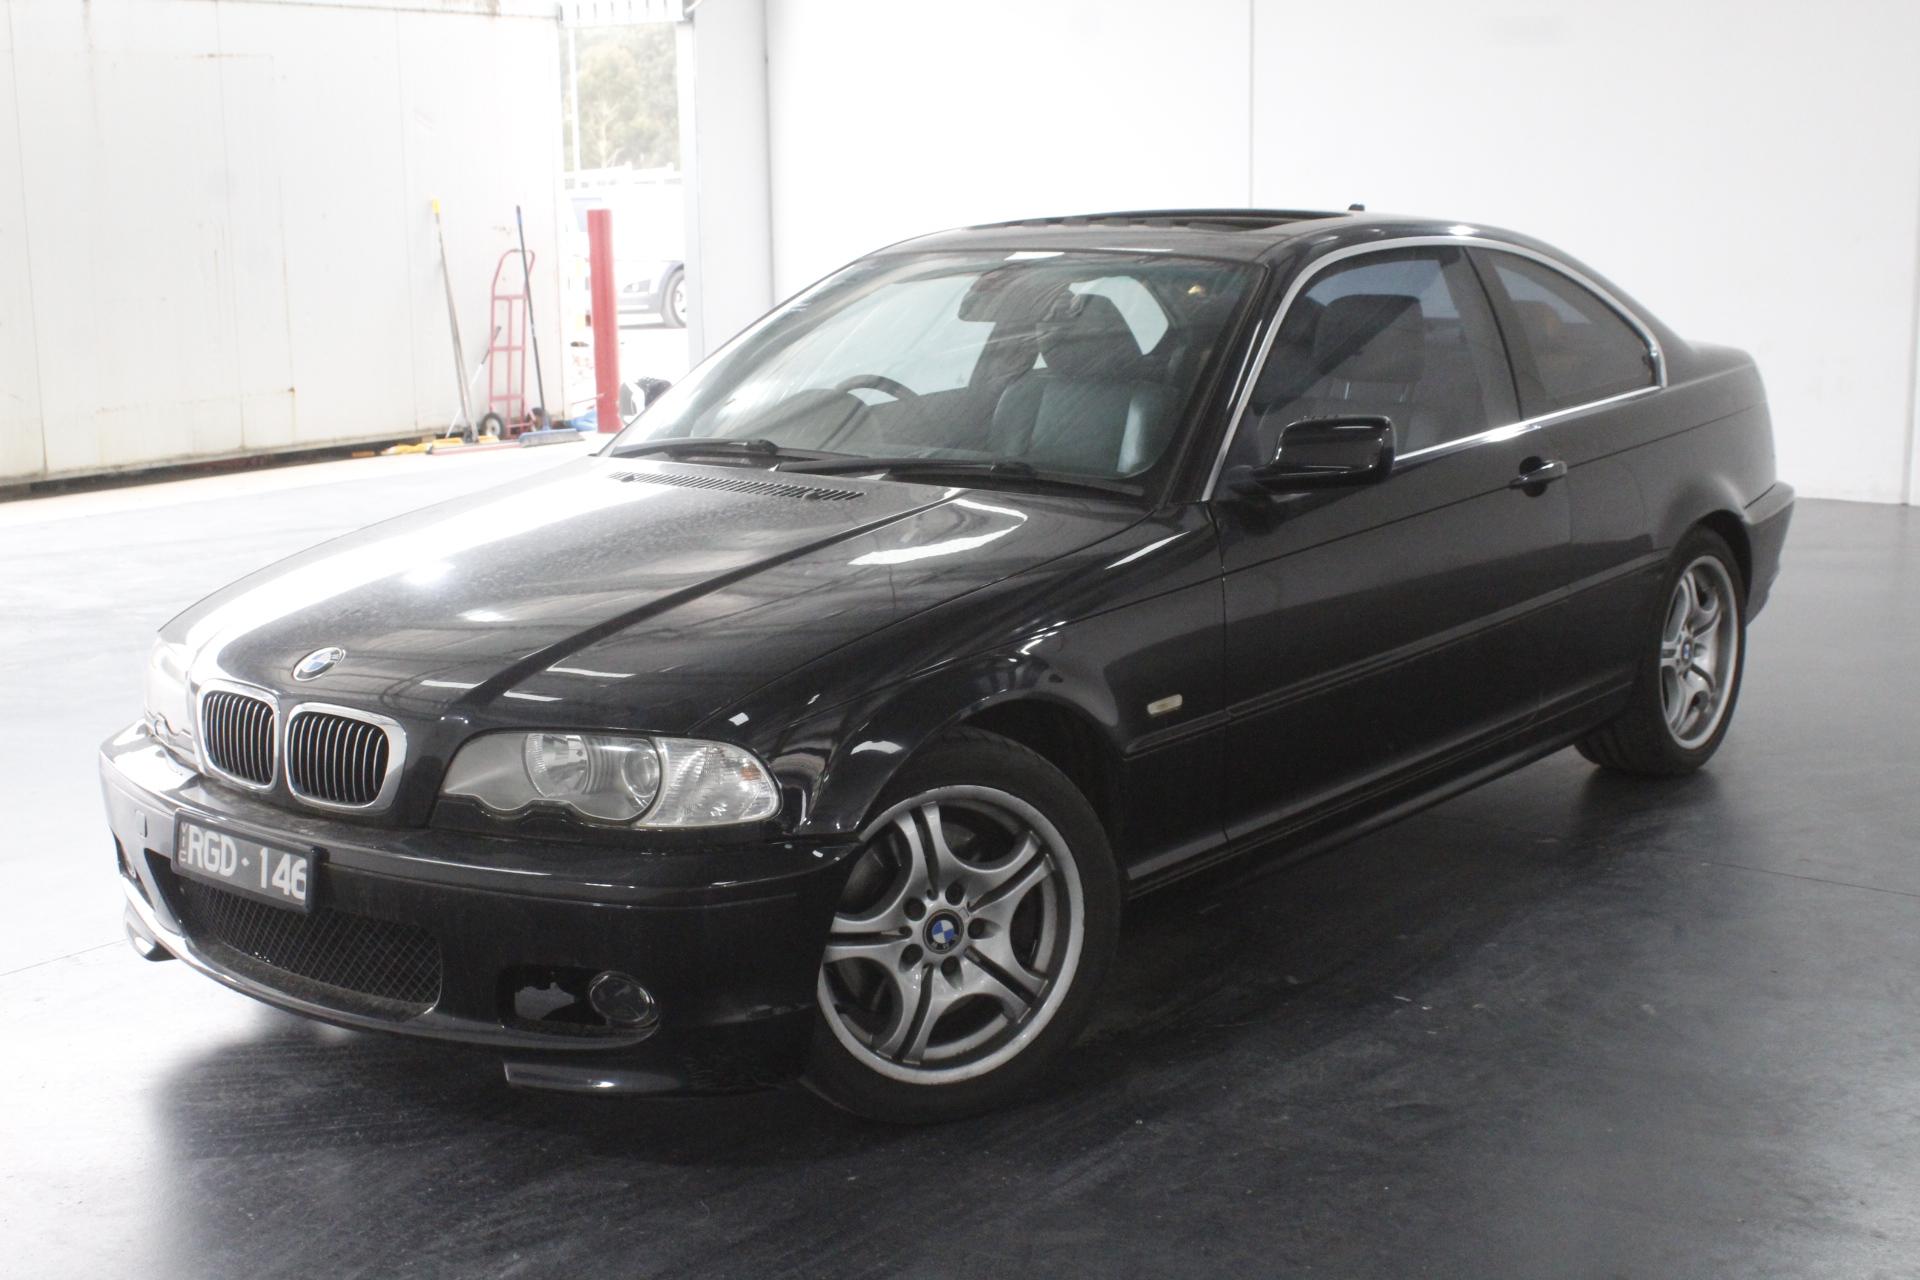 2002 BMW 3 30Ci E46 Automatic Coupe